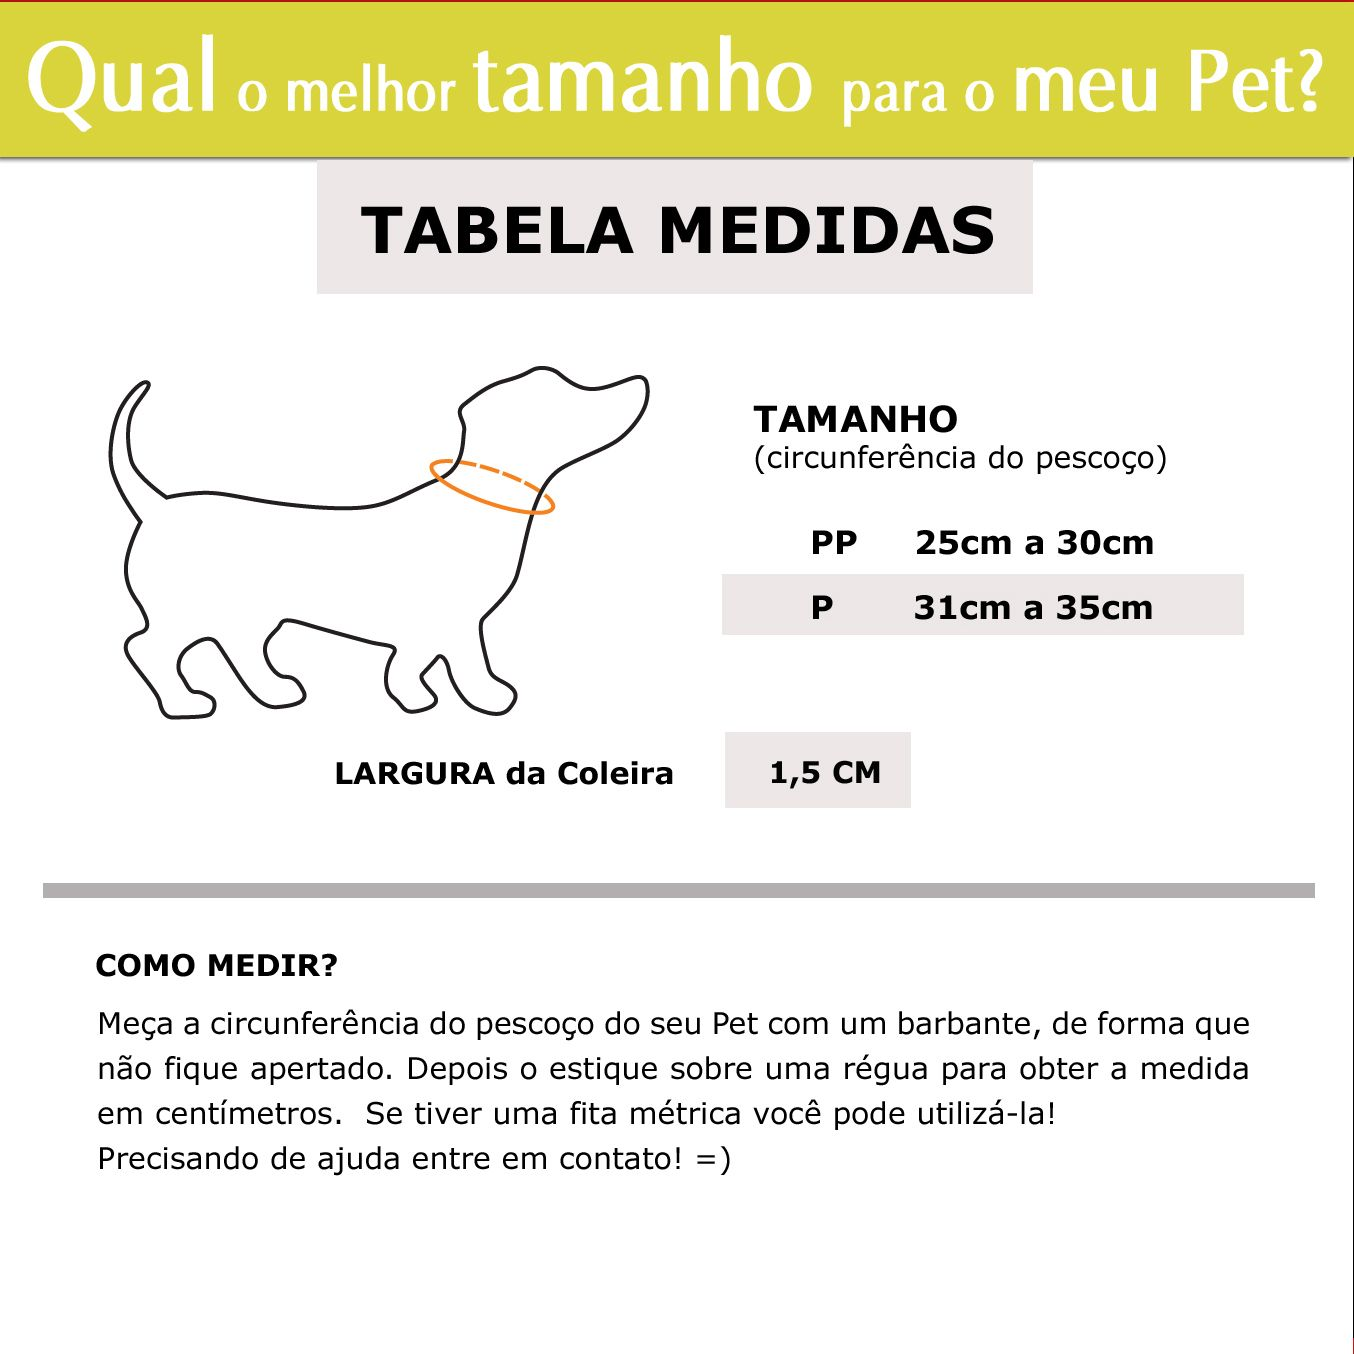 Coleira Identificação Personalizada Cachorro Pequeno - 1,5cm - XXP / PP / P - Customize!  - PetPatuá | Coleiras e Tags para Identificação